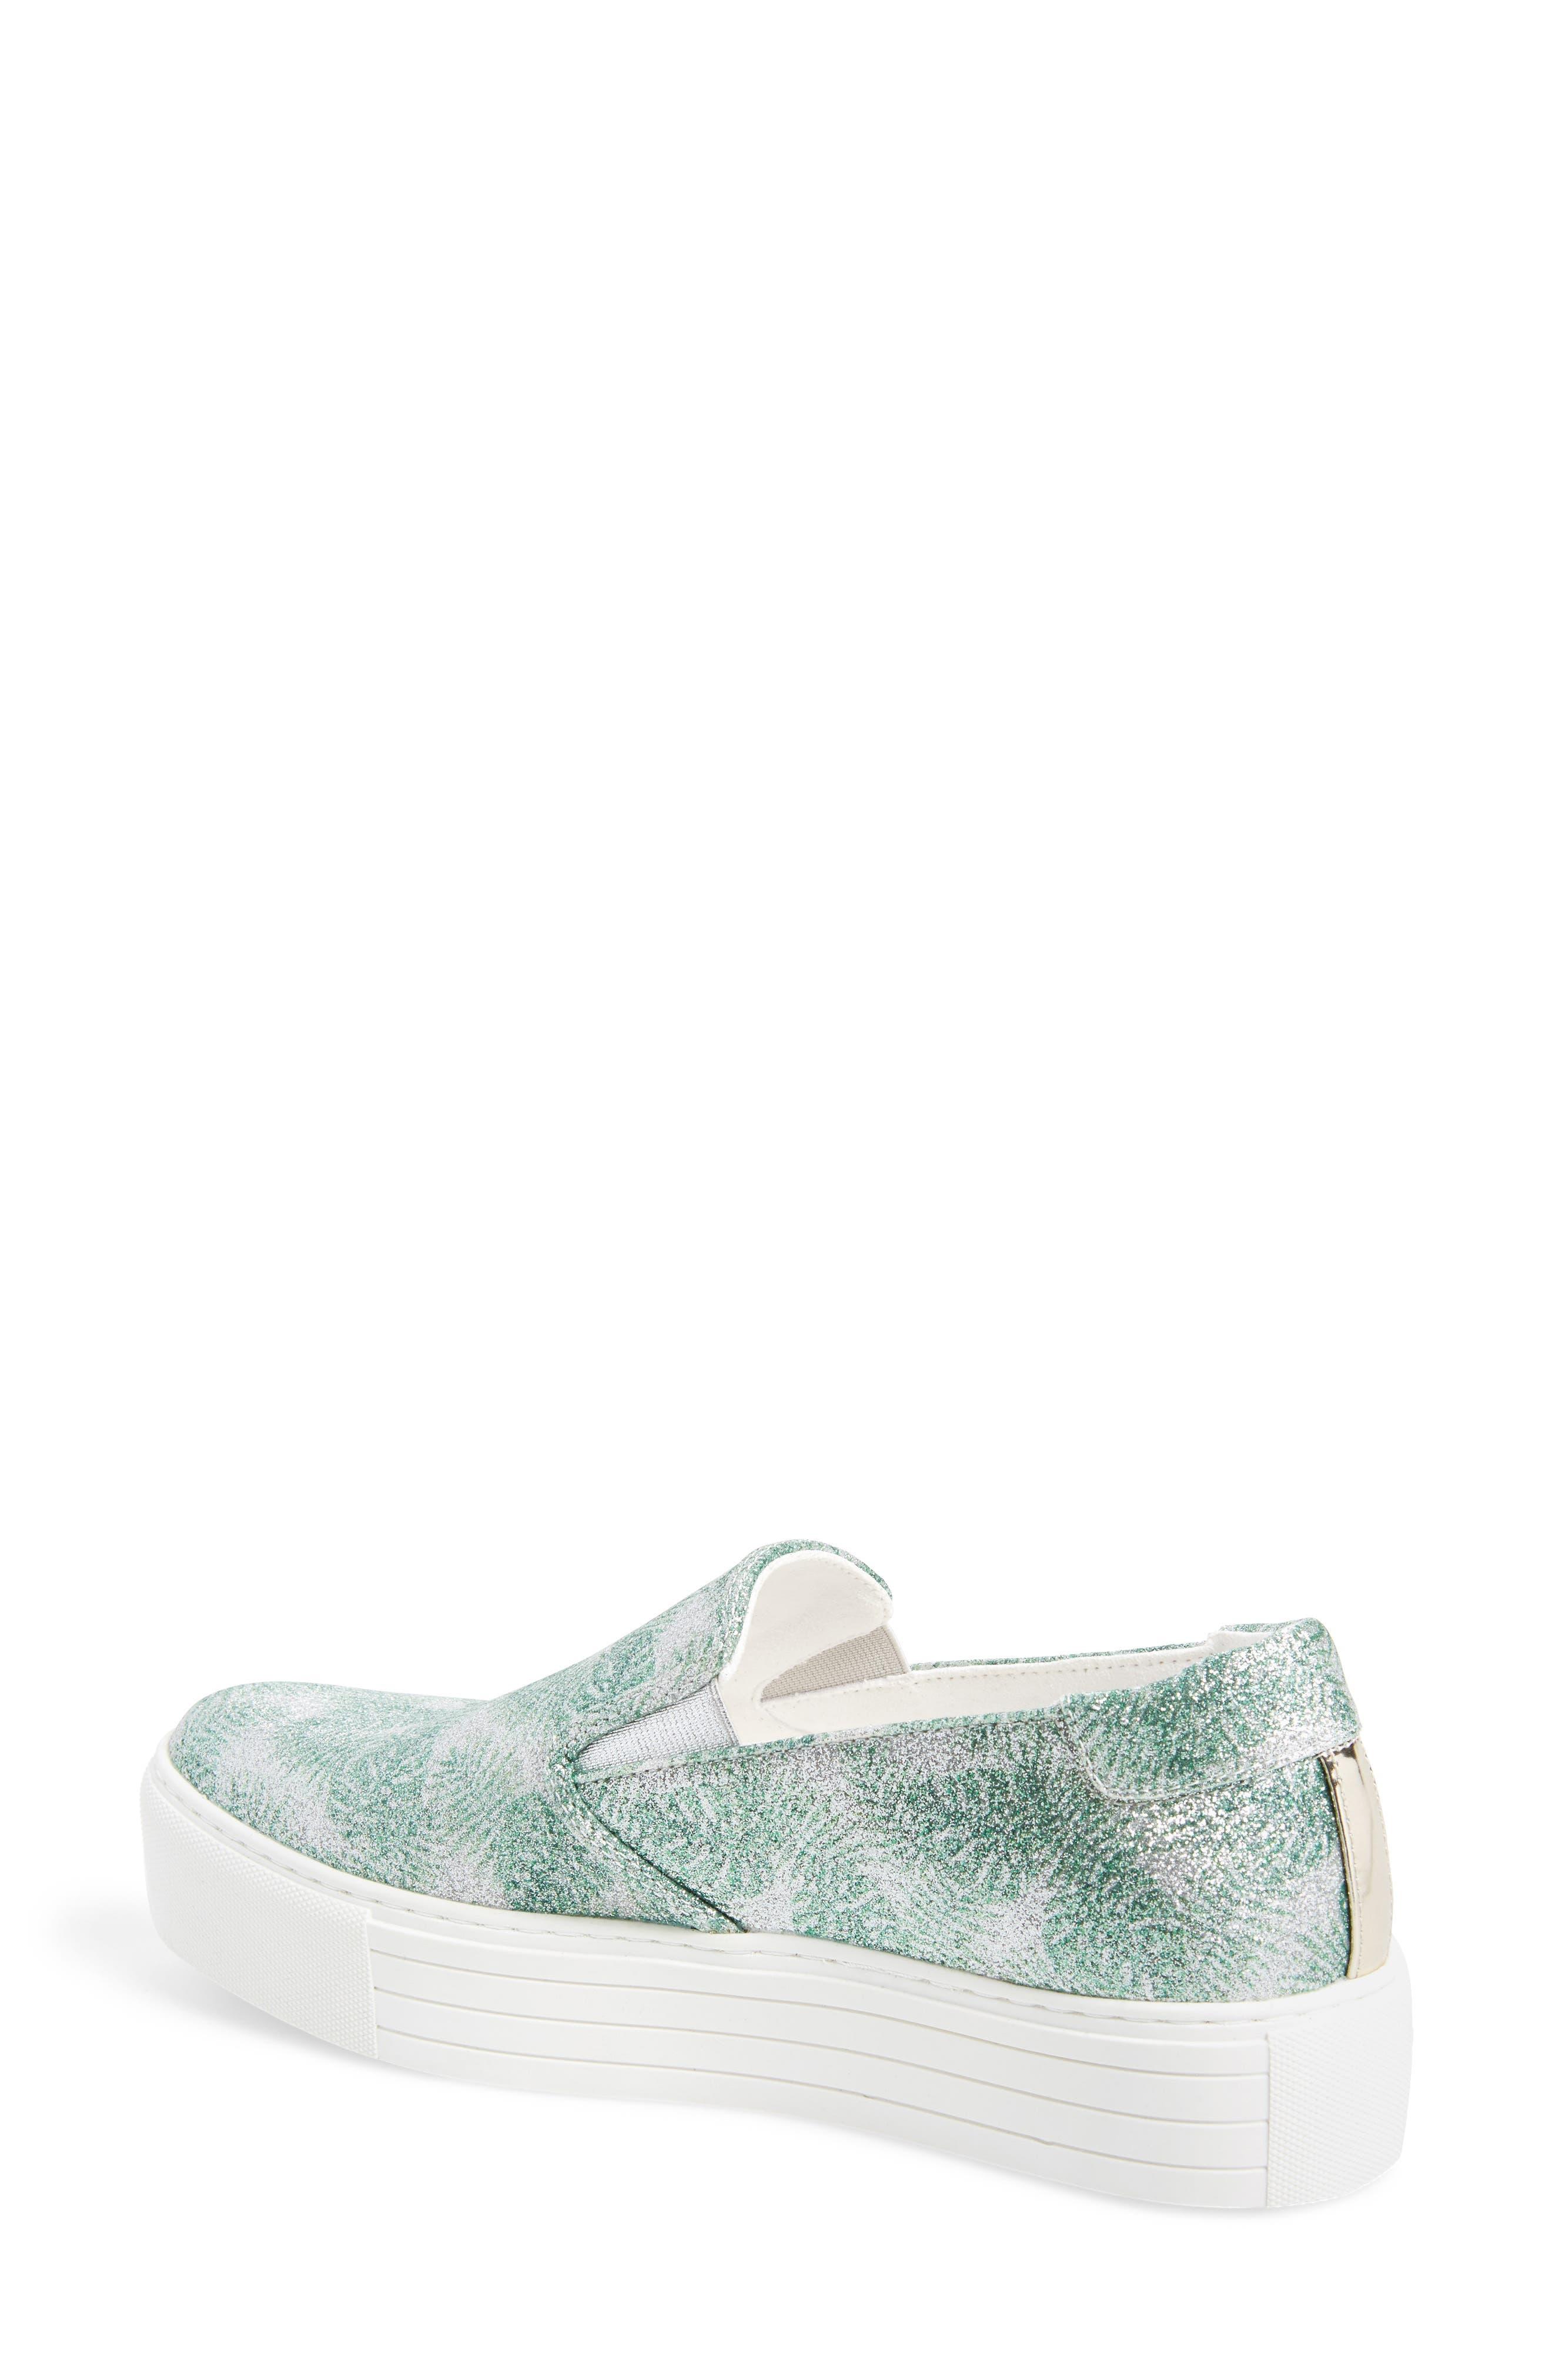 Joanie Slip-On Platform Sneaker,                             Alternate thumbnail 15, color,